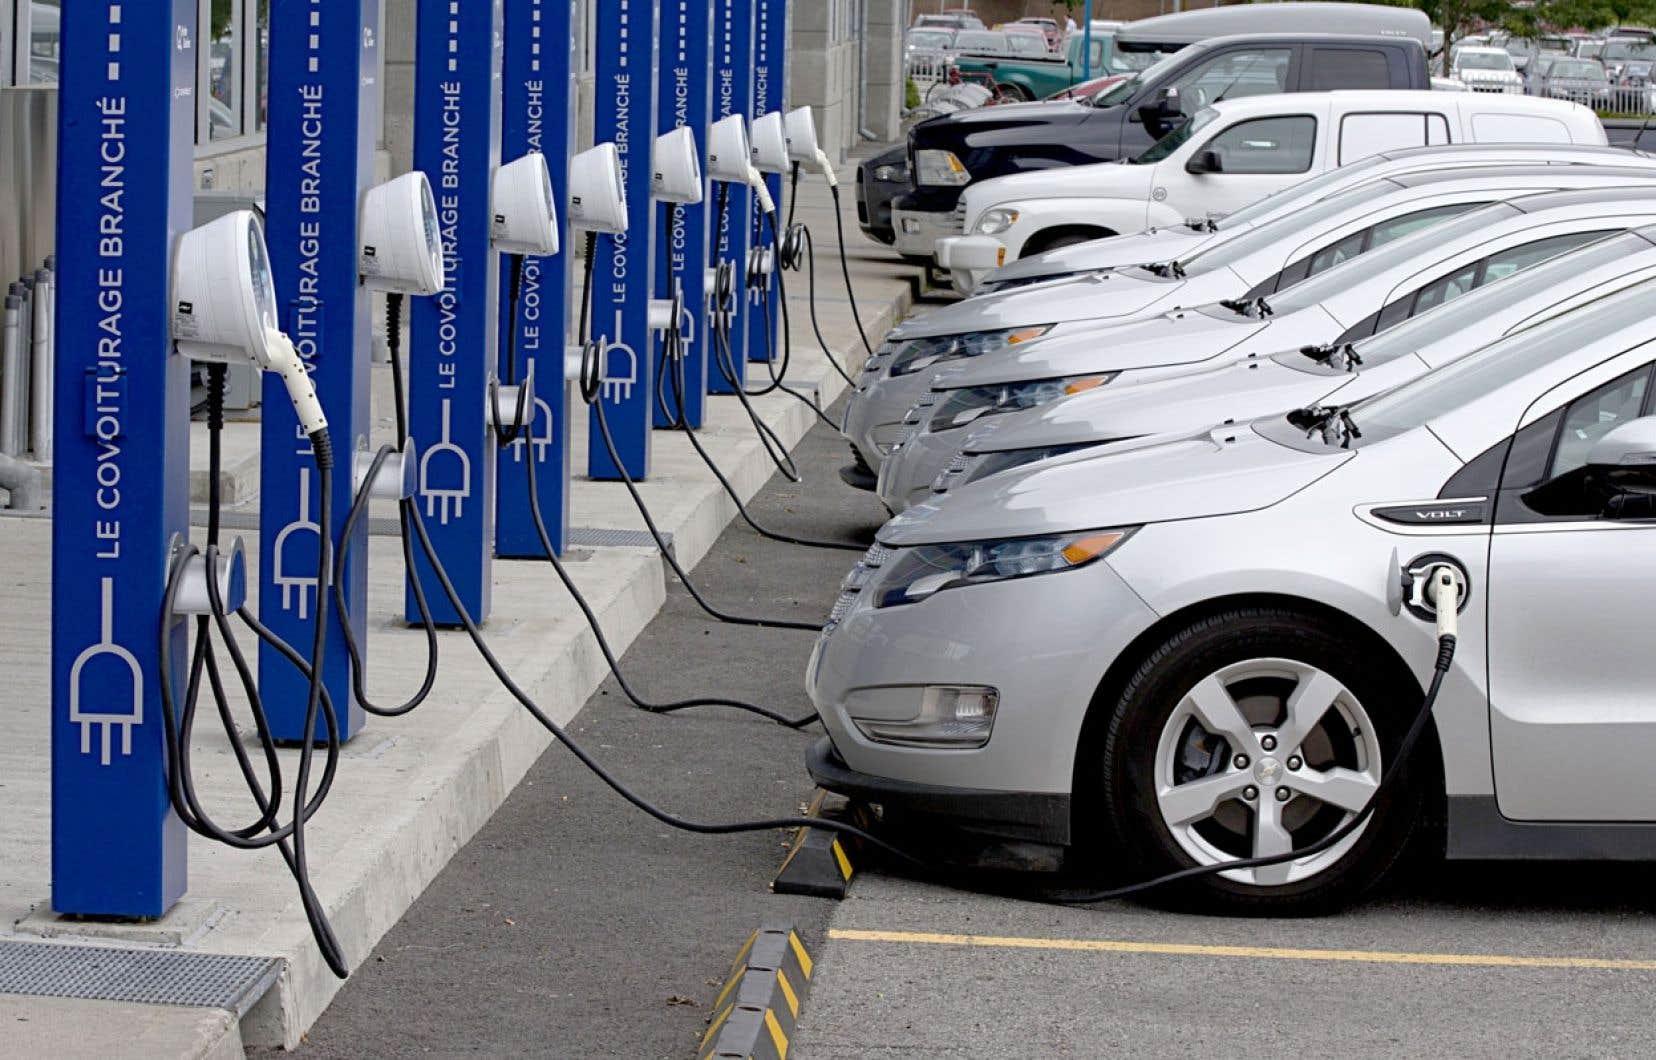 L'industrie et les gouvernements doivent faire comprendre aux automobilistes qu'acheter une voiture électrique est une décision sensée, dit un expert du secteur.